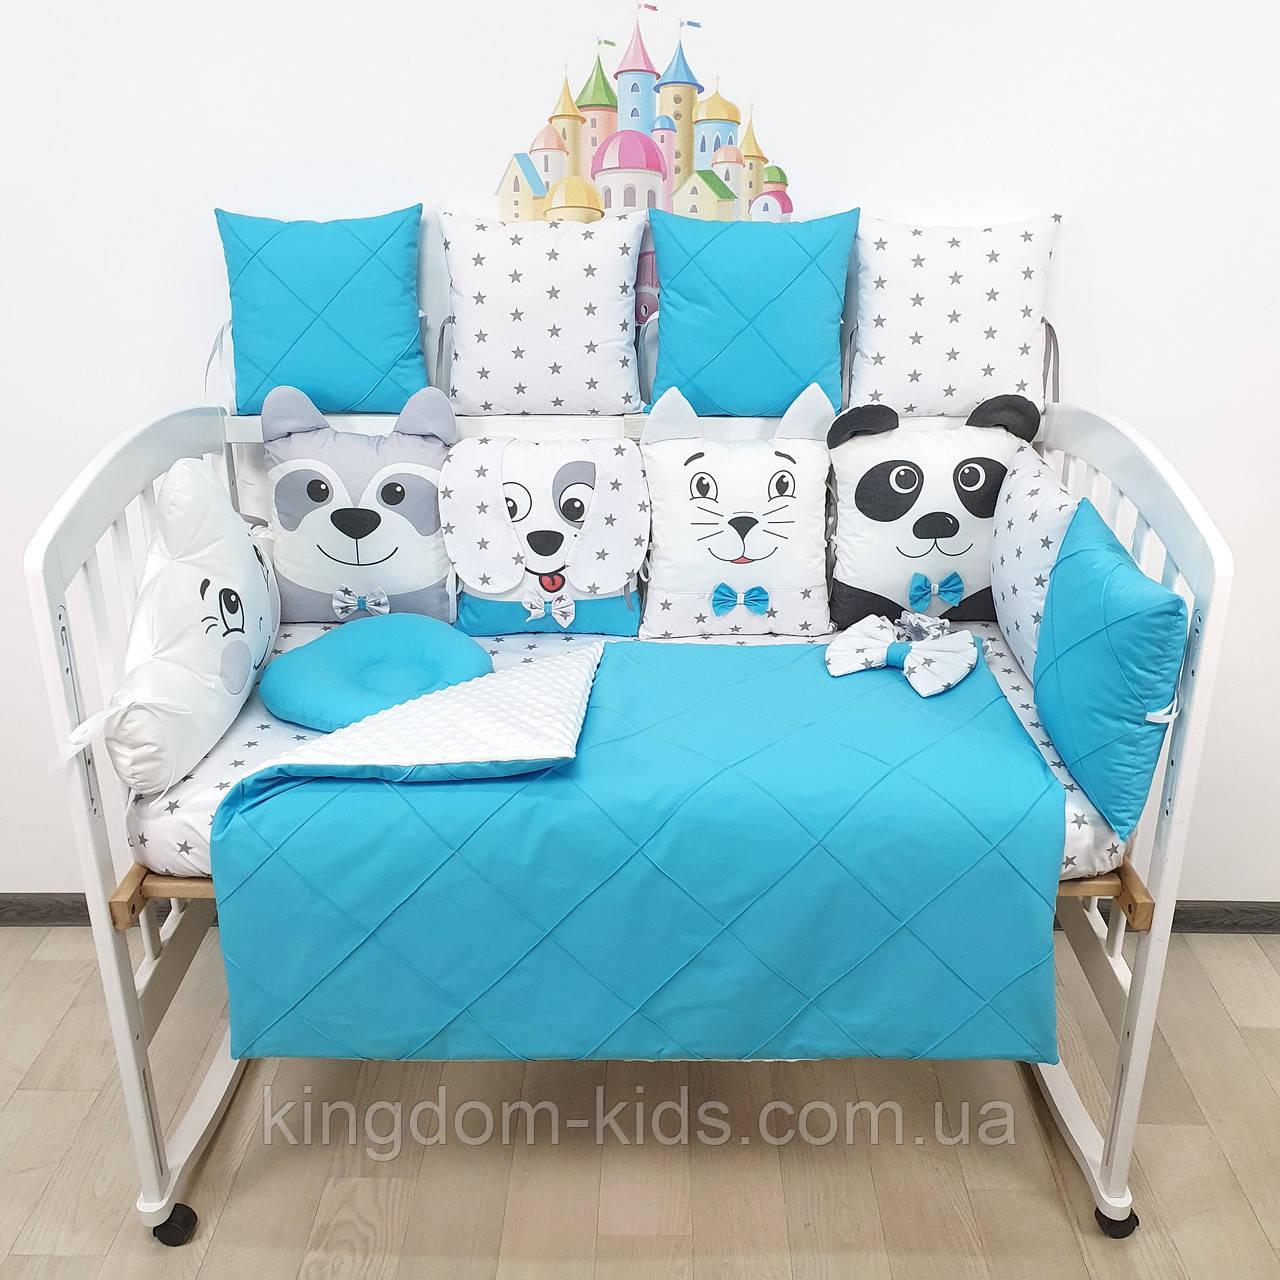 Комплект бортиков и постельного в кроватку с игрушками и облаком в ярко-голубых тонах